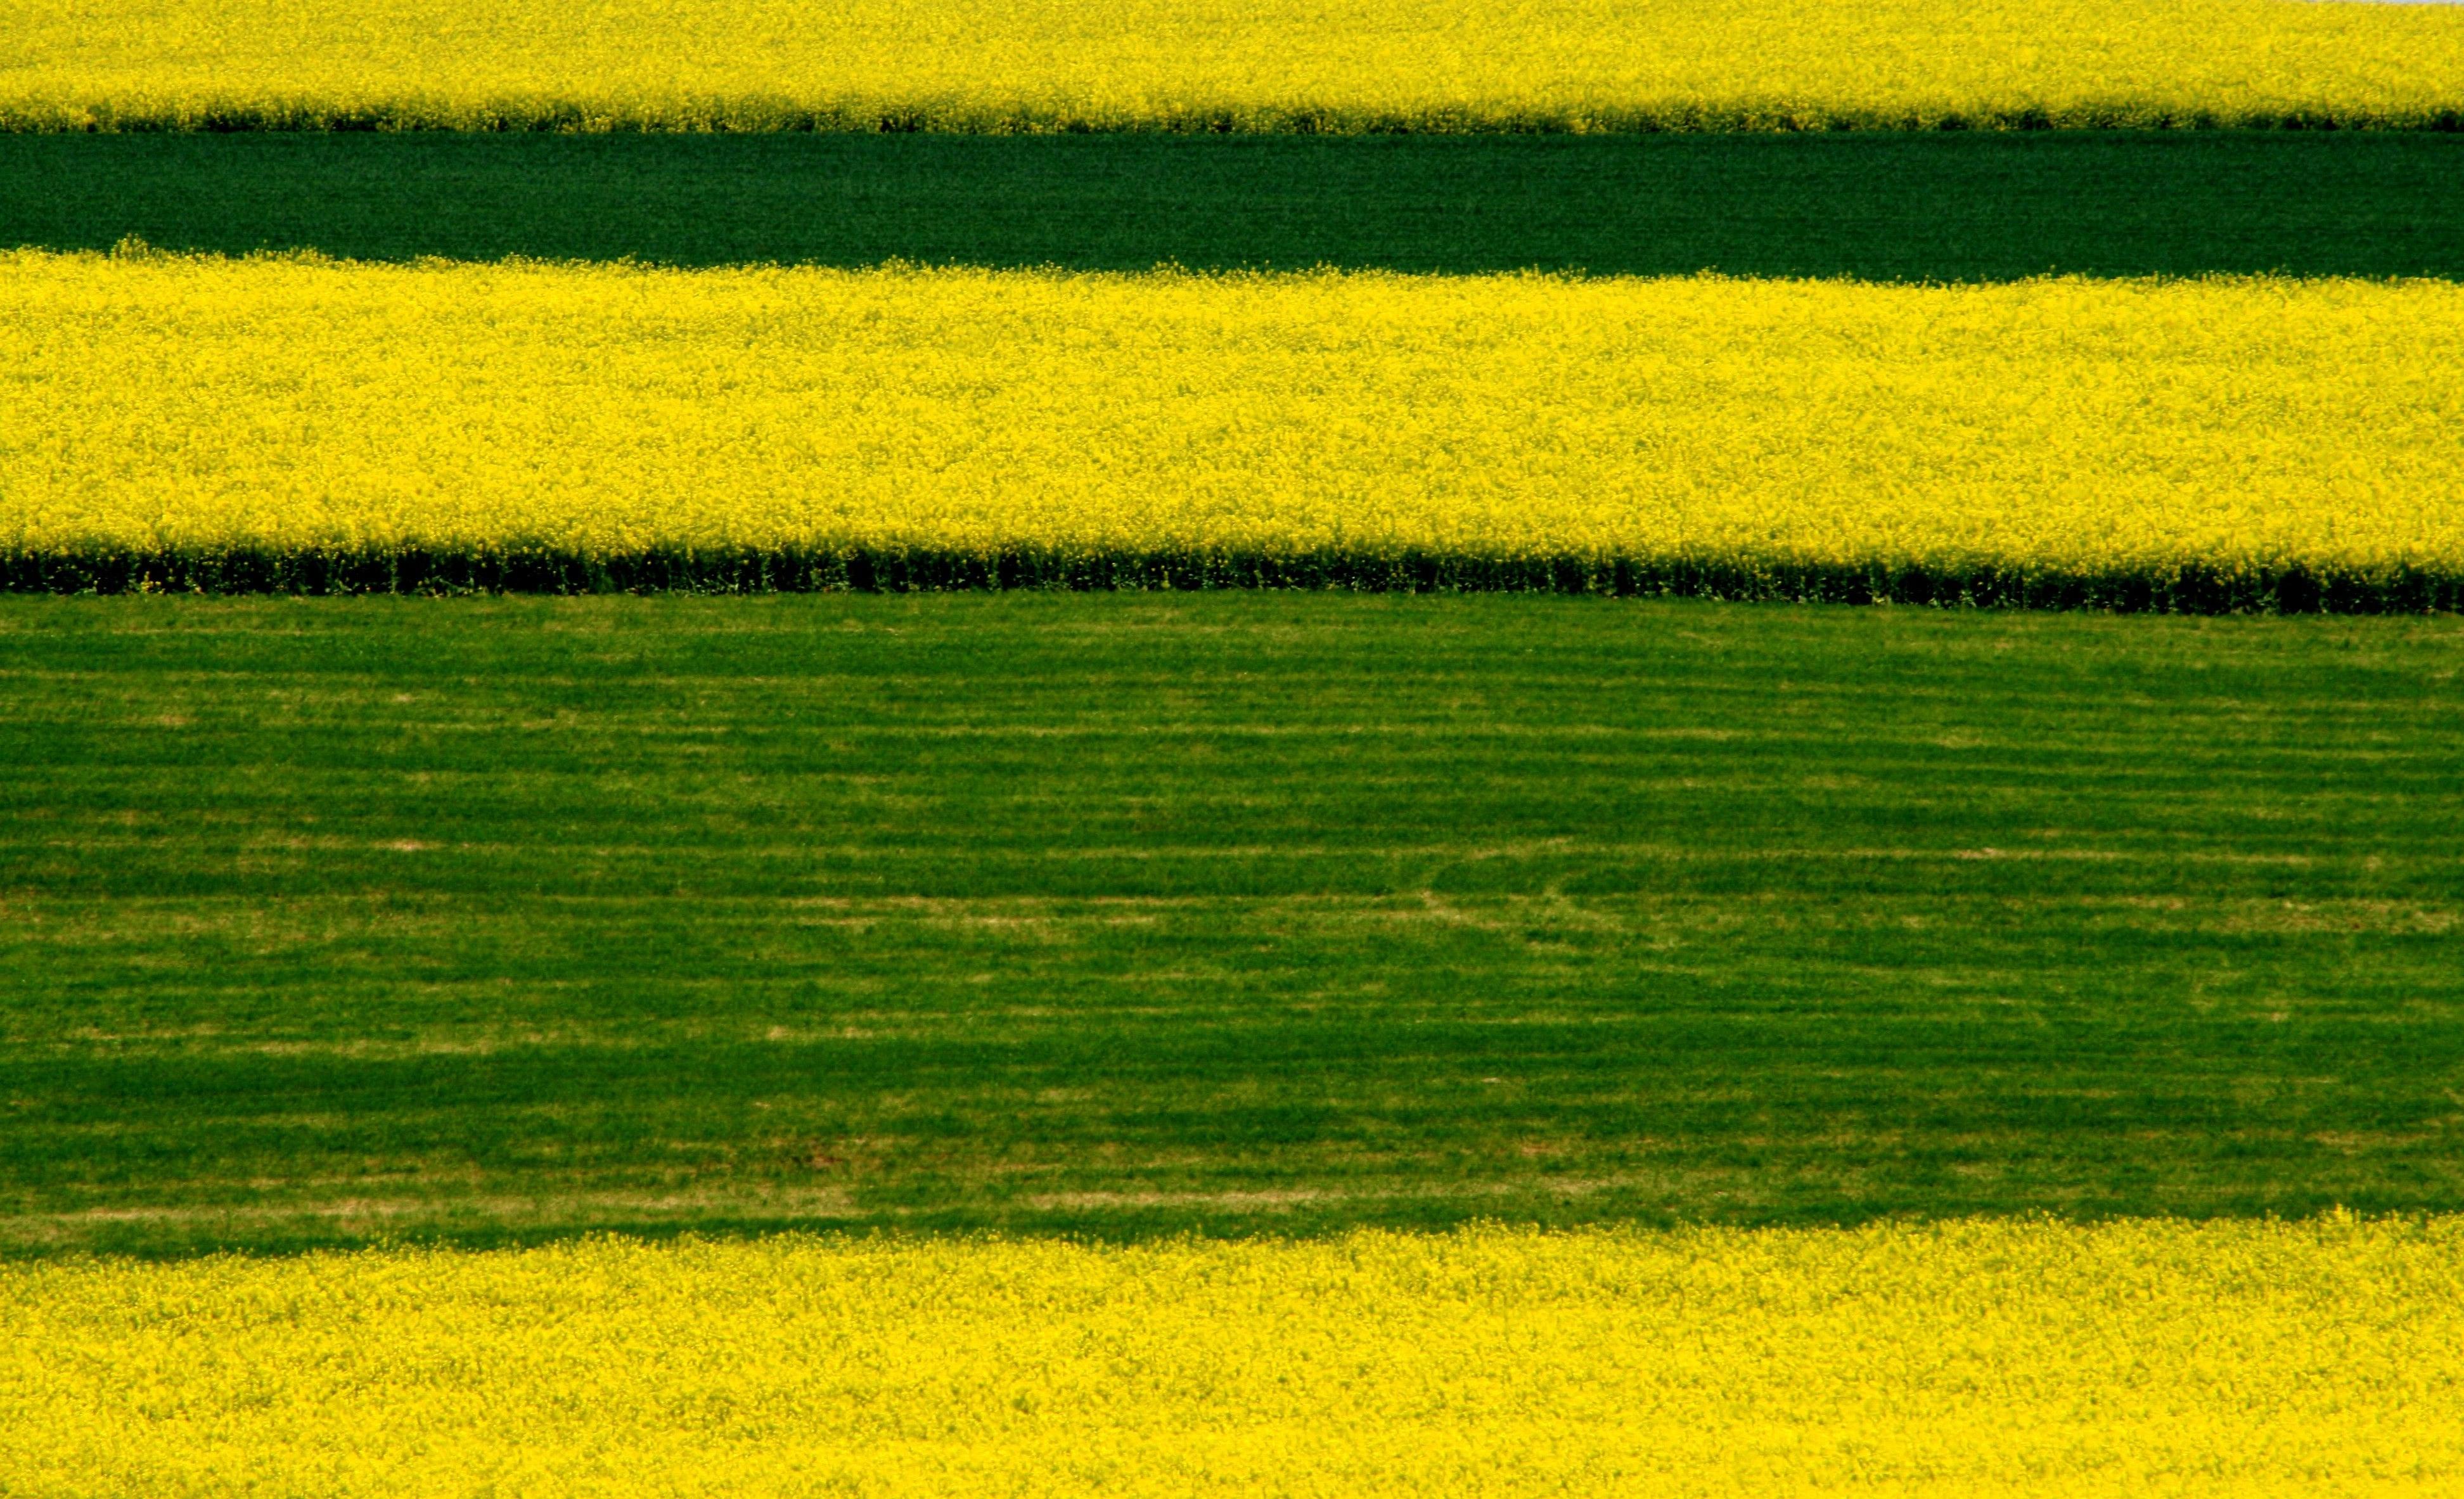 твоя картинки с зеленым полем и словом инфинити картинки рабочий